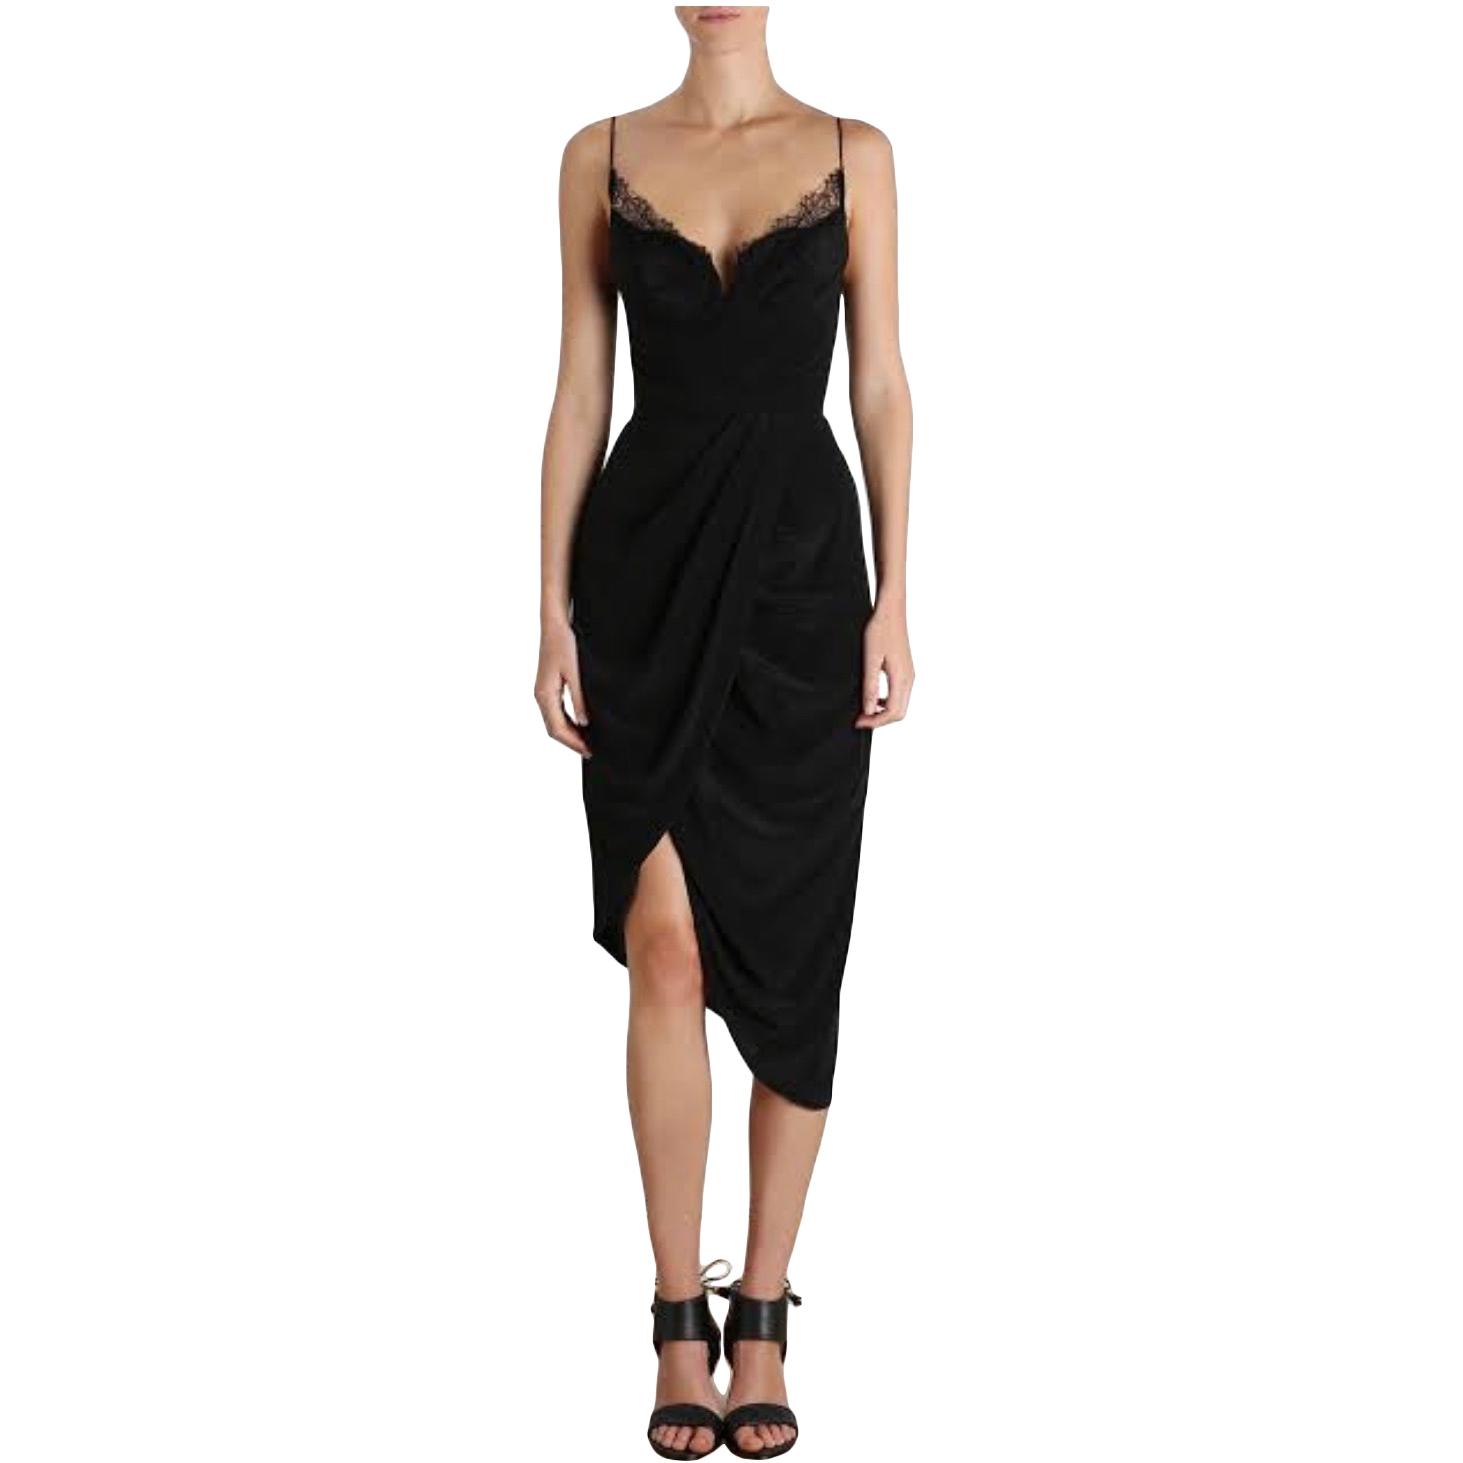 Buy: Black Silk Web Underwire Dress Size 3